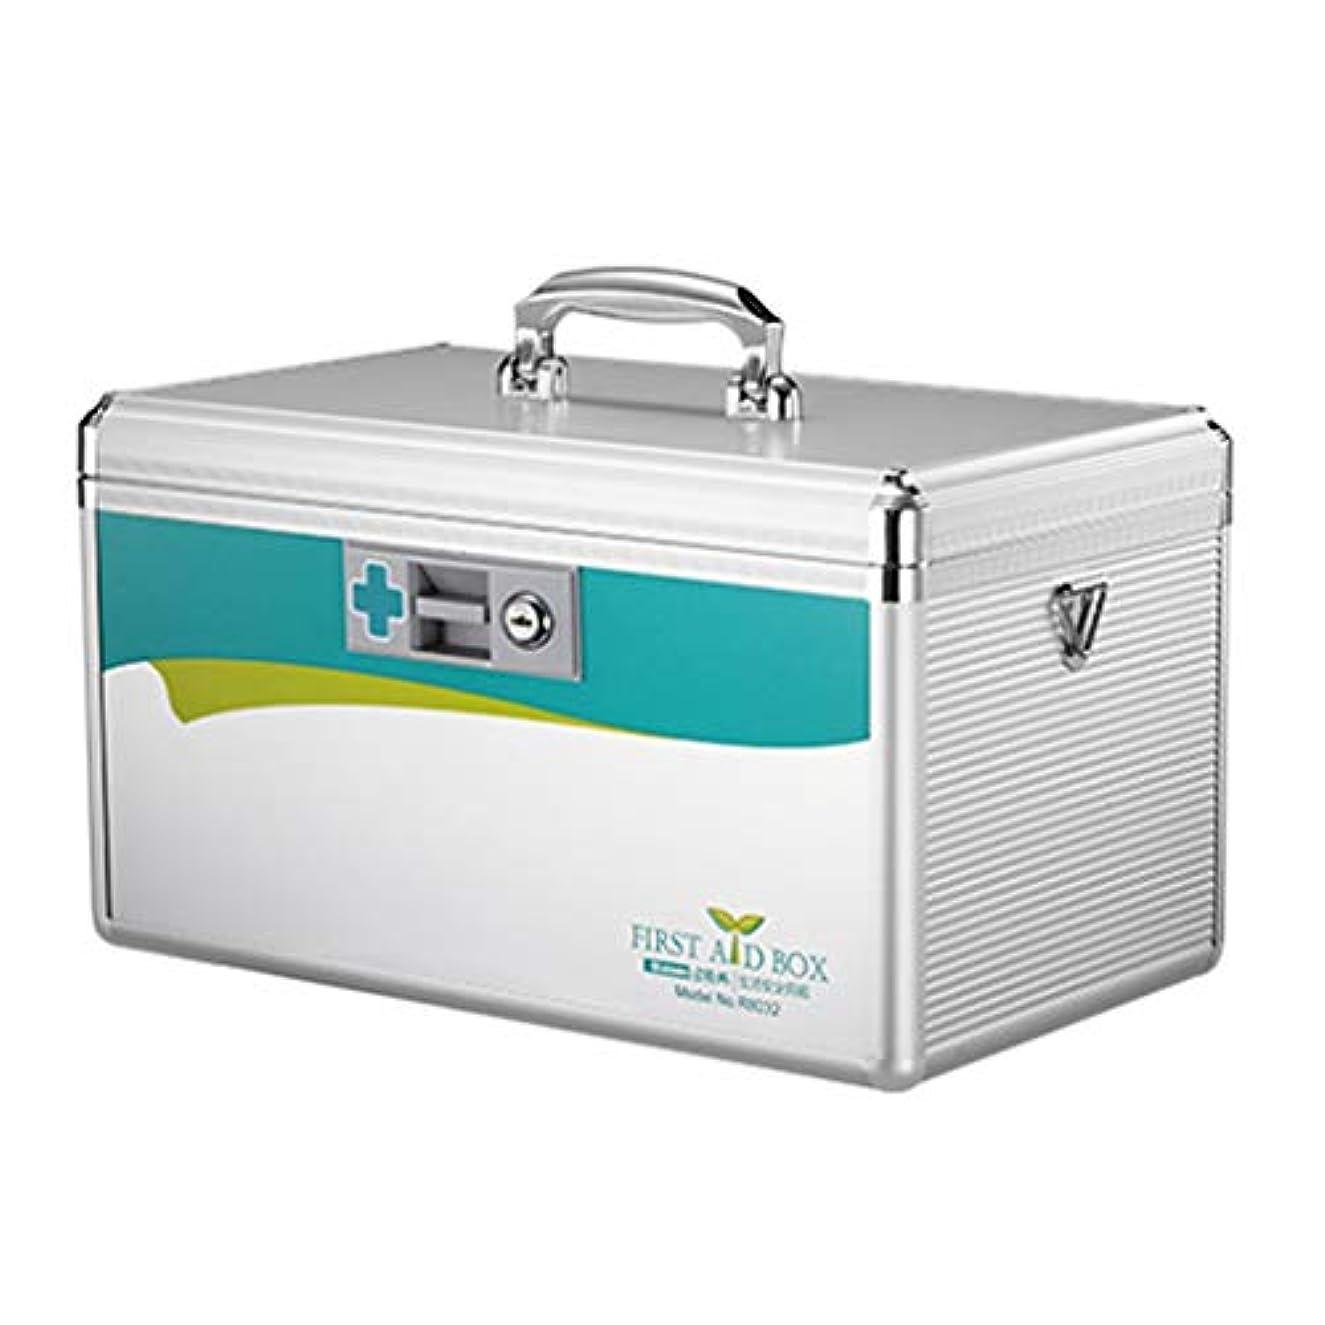 正確に泥集中ロックオーガナイザー付きの医療ボックス、取り外し可能なトレイコンパートメント付きの小さな薬のロックボックス、のチャイルドプルーフ処方収納ボックス